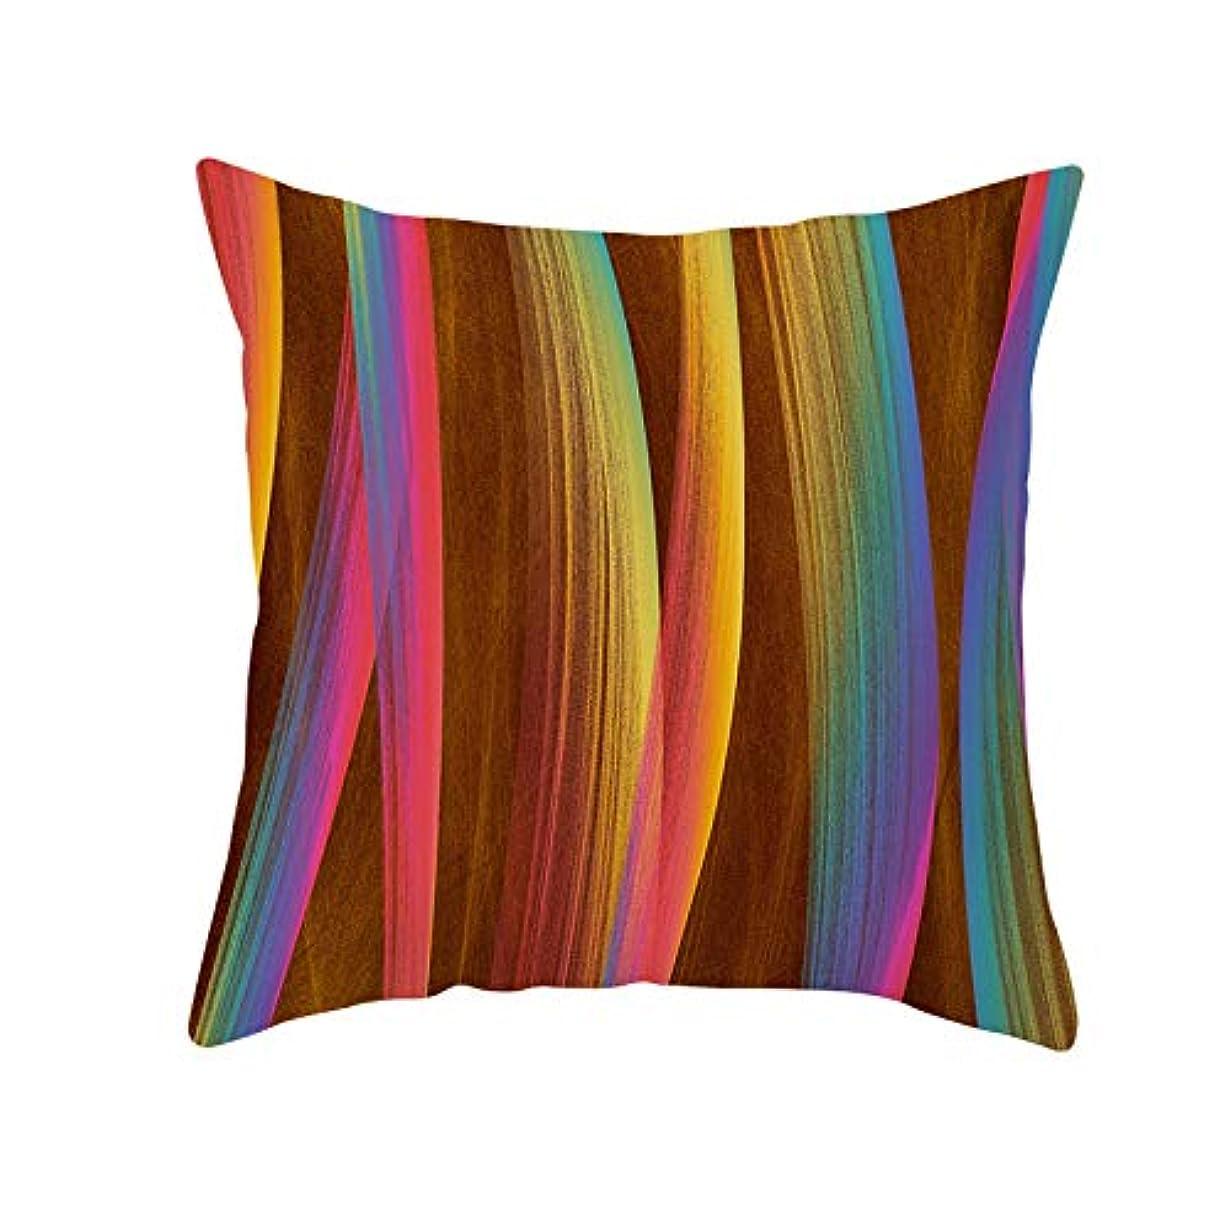 ほとんどないポジション寓話LIFE 装飾クッションソファ 幾何学プリントポリエステル正方形の枕ソファスロークッション家の装飾 coussin デ長椅子 クッション 椅子